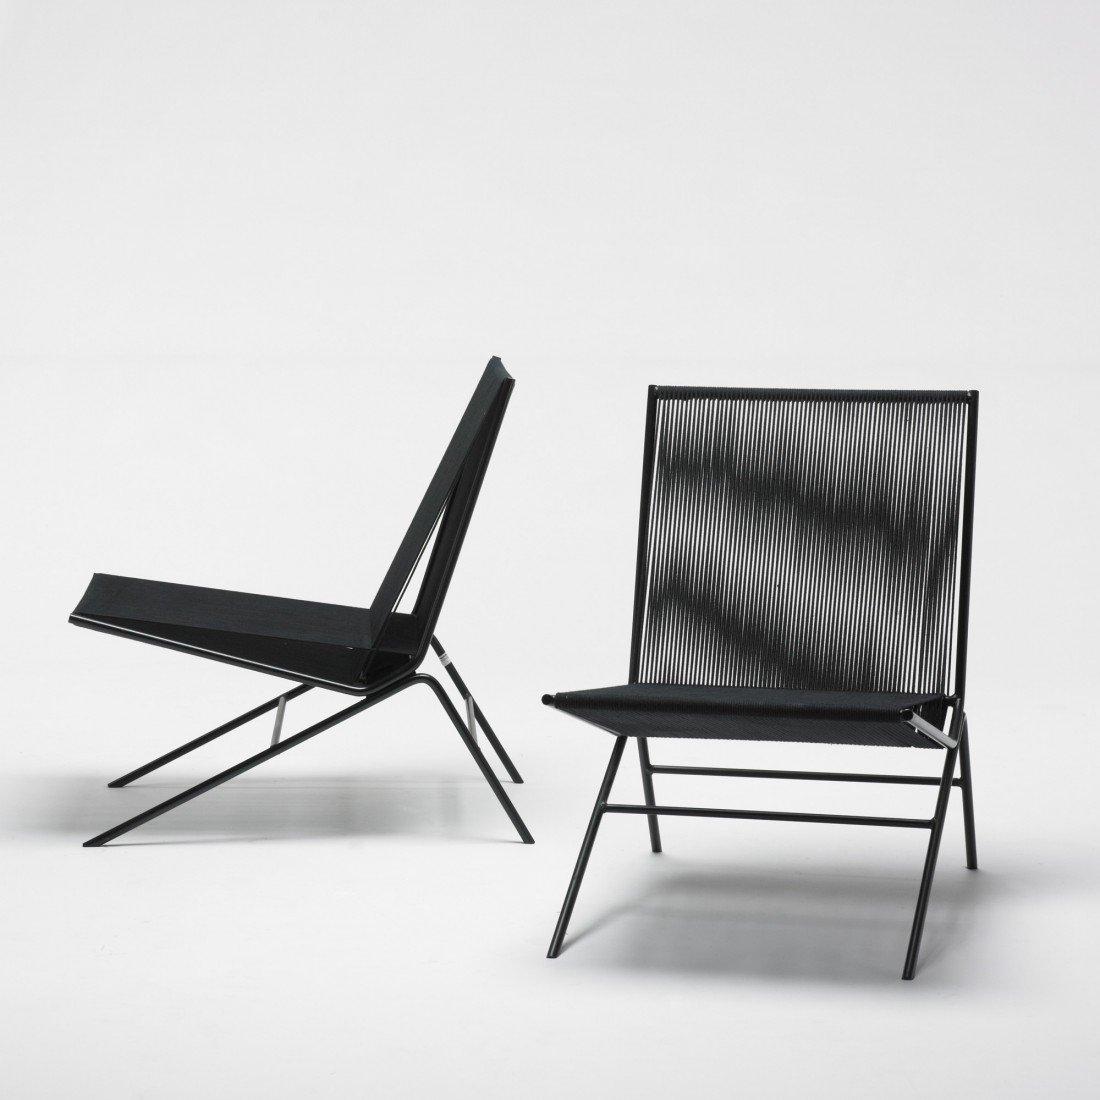 239: Allan Gould chairs, pair